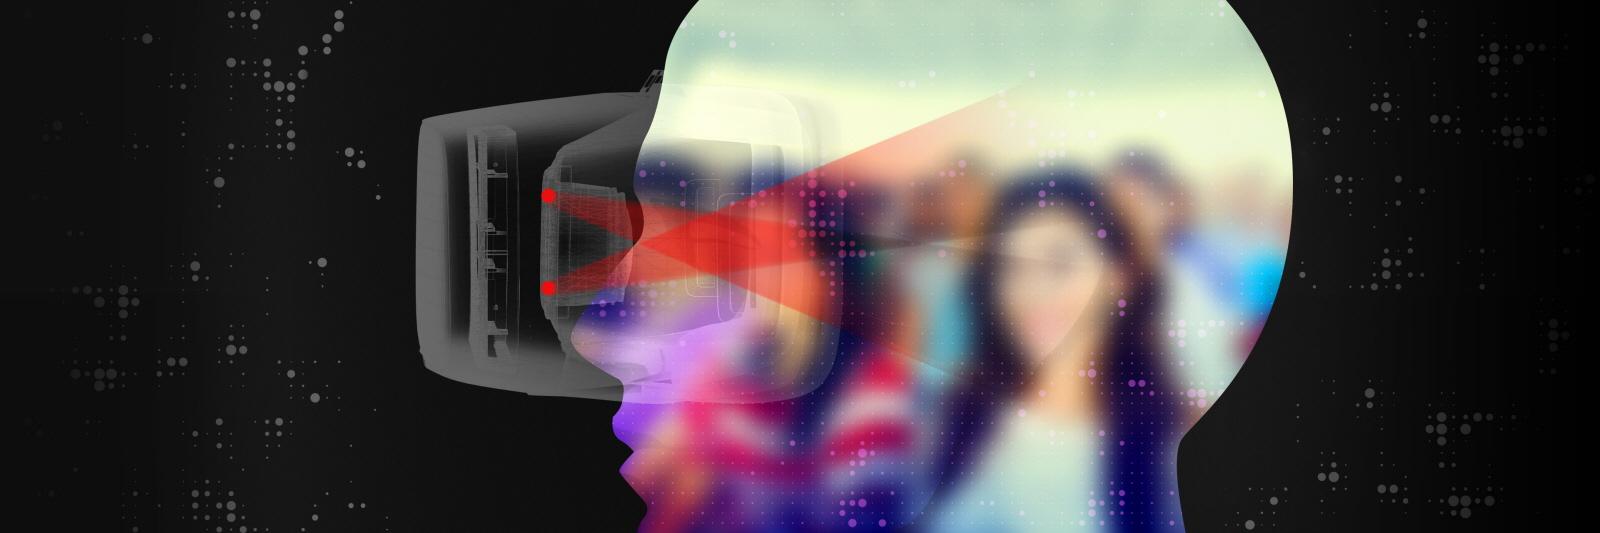 Tobii VR Eye Tracker